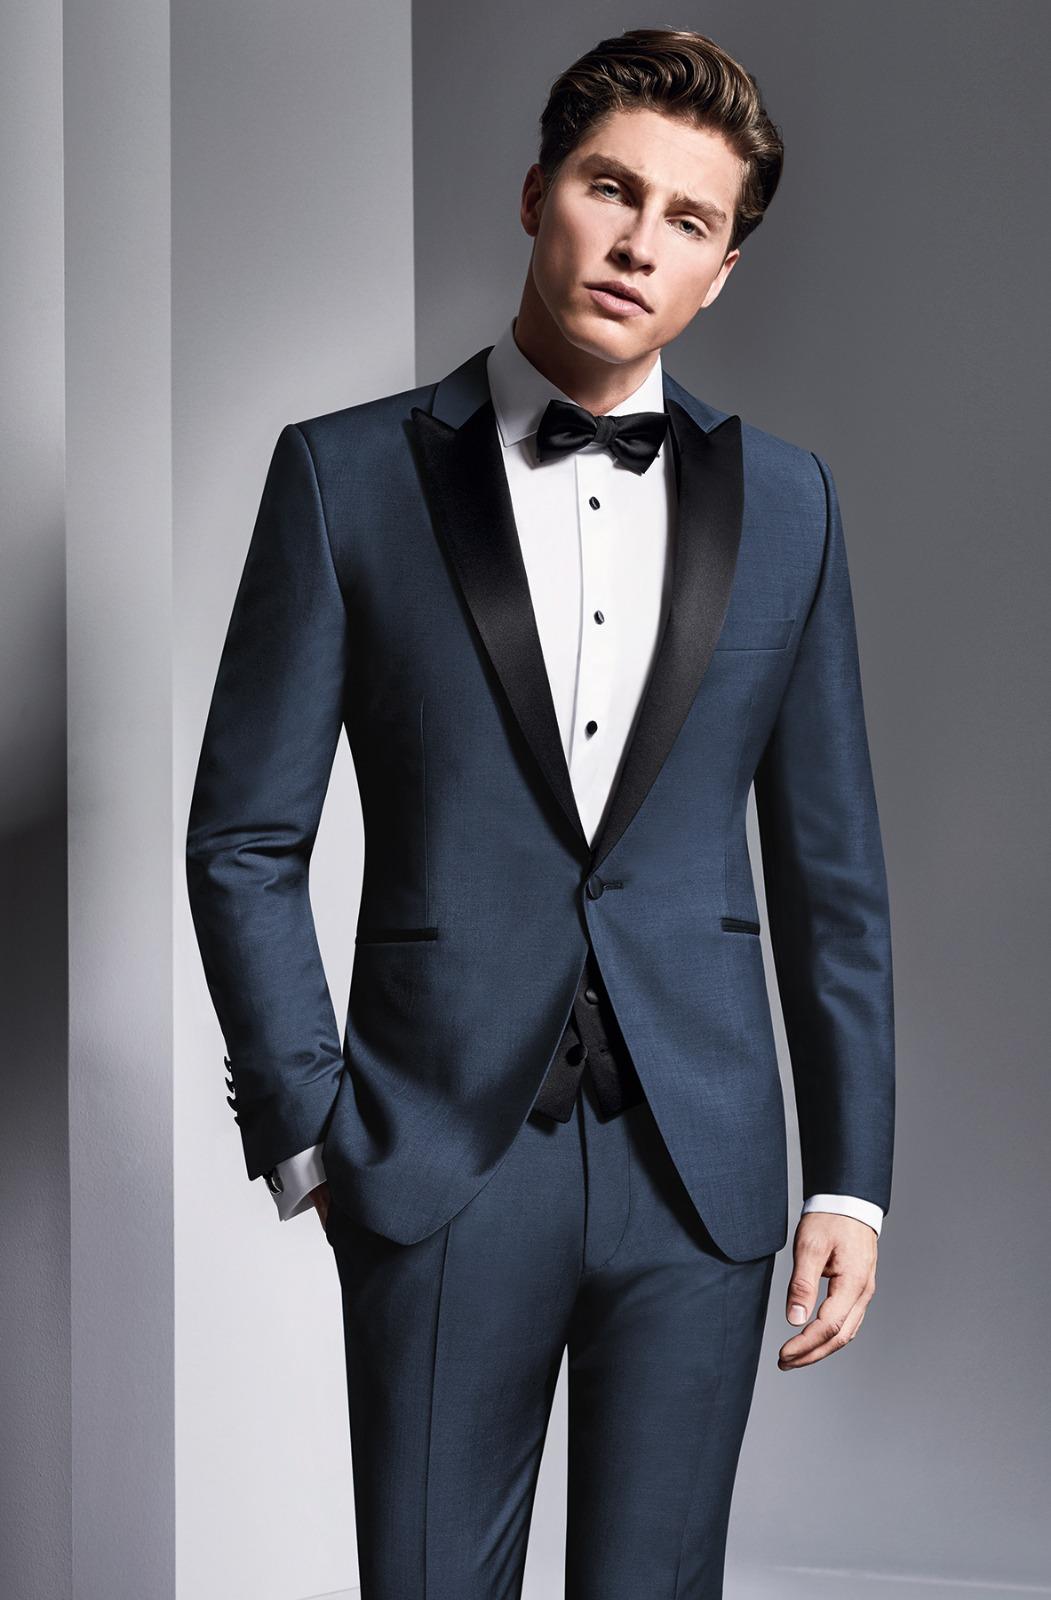 Vestiti Uomo Cerimonia.Vestiti Eleganti Uomo Quale Scegliere